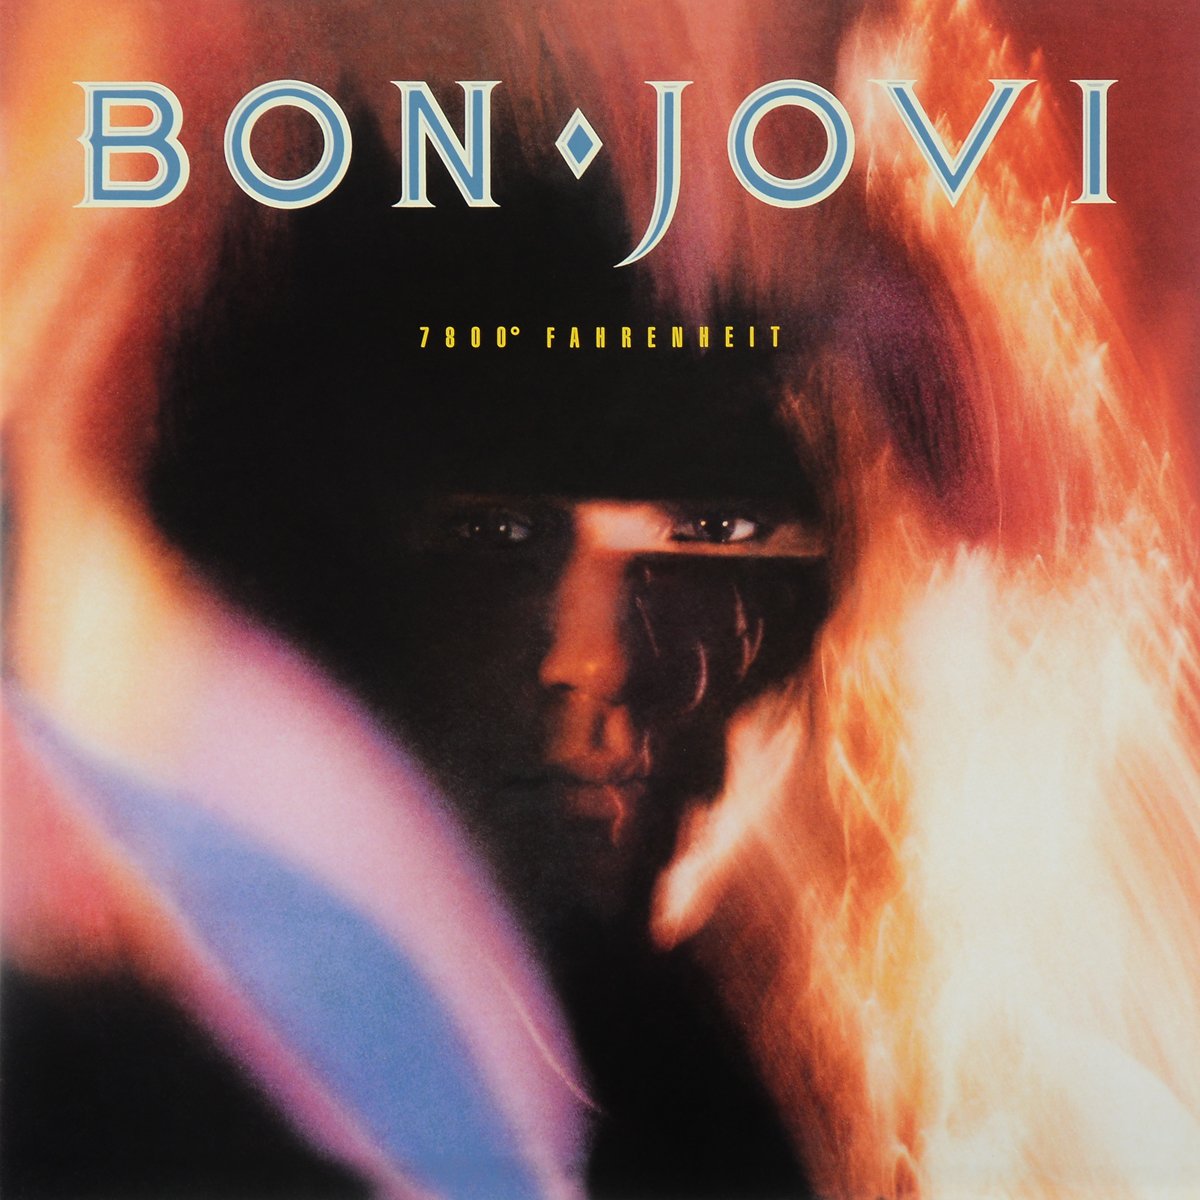 Bon Jovi Bon Jovi. 7800° Fahrenheit (LP) bon jovi crush 2 lp